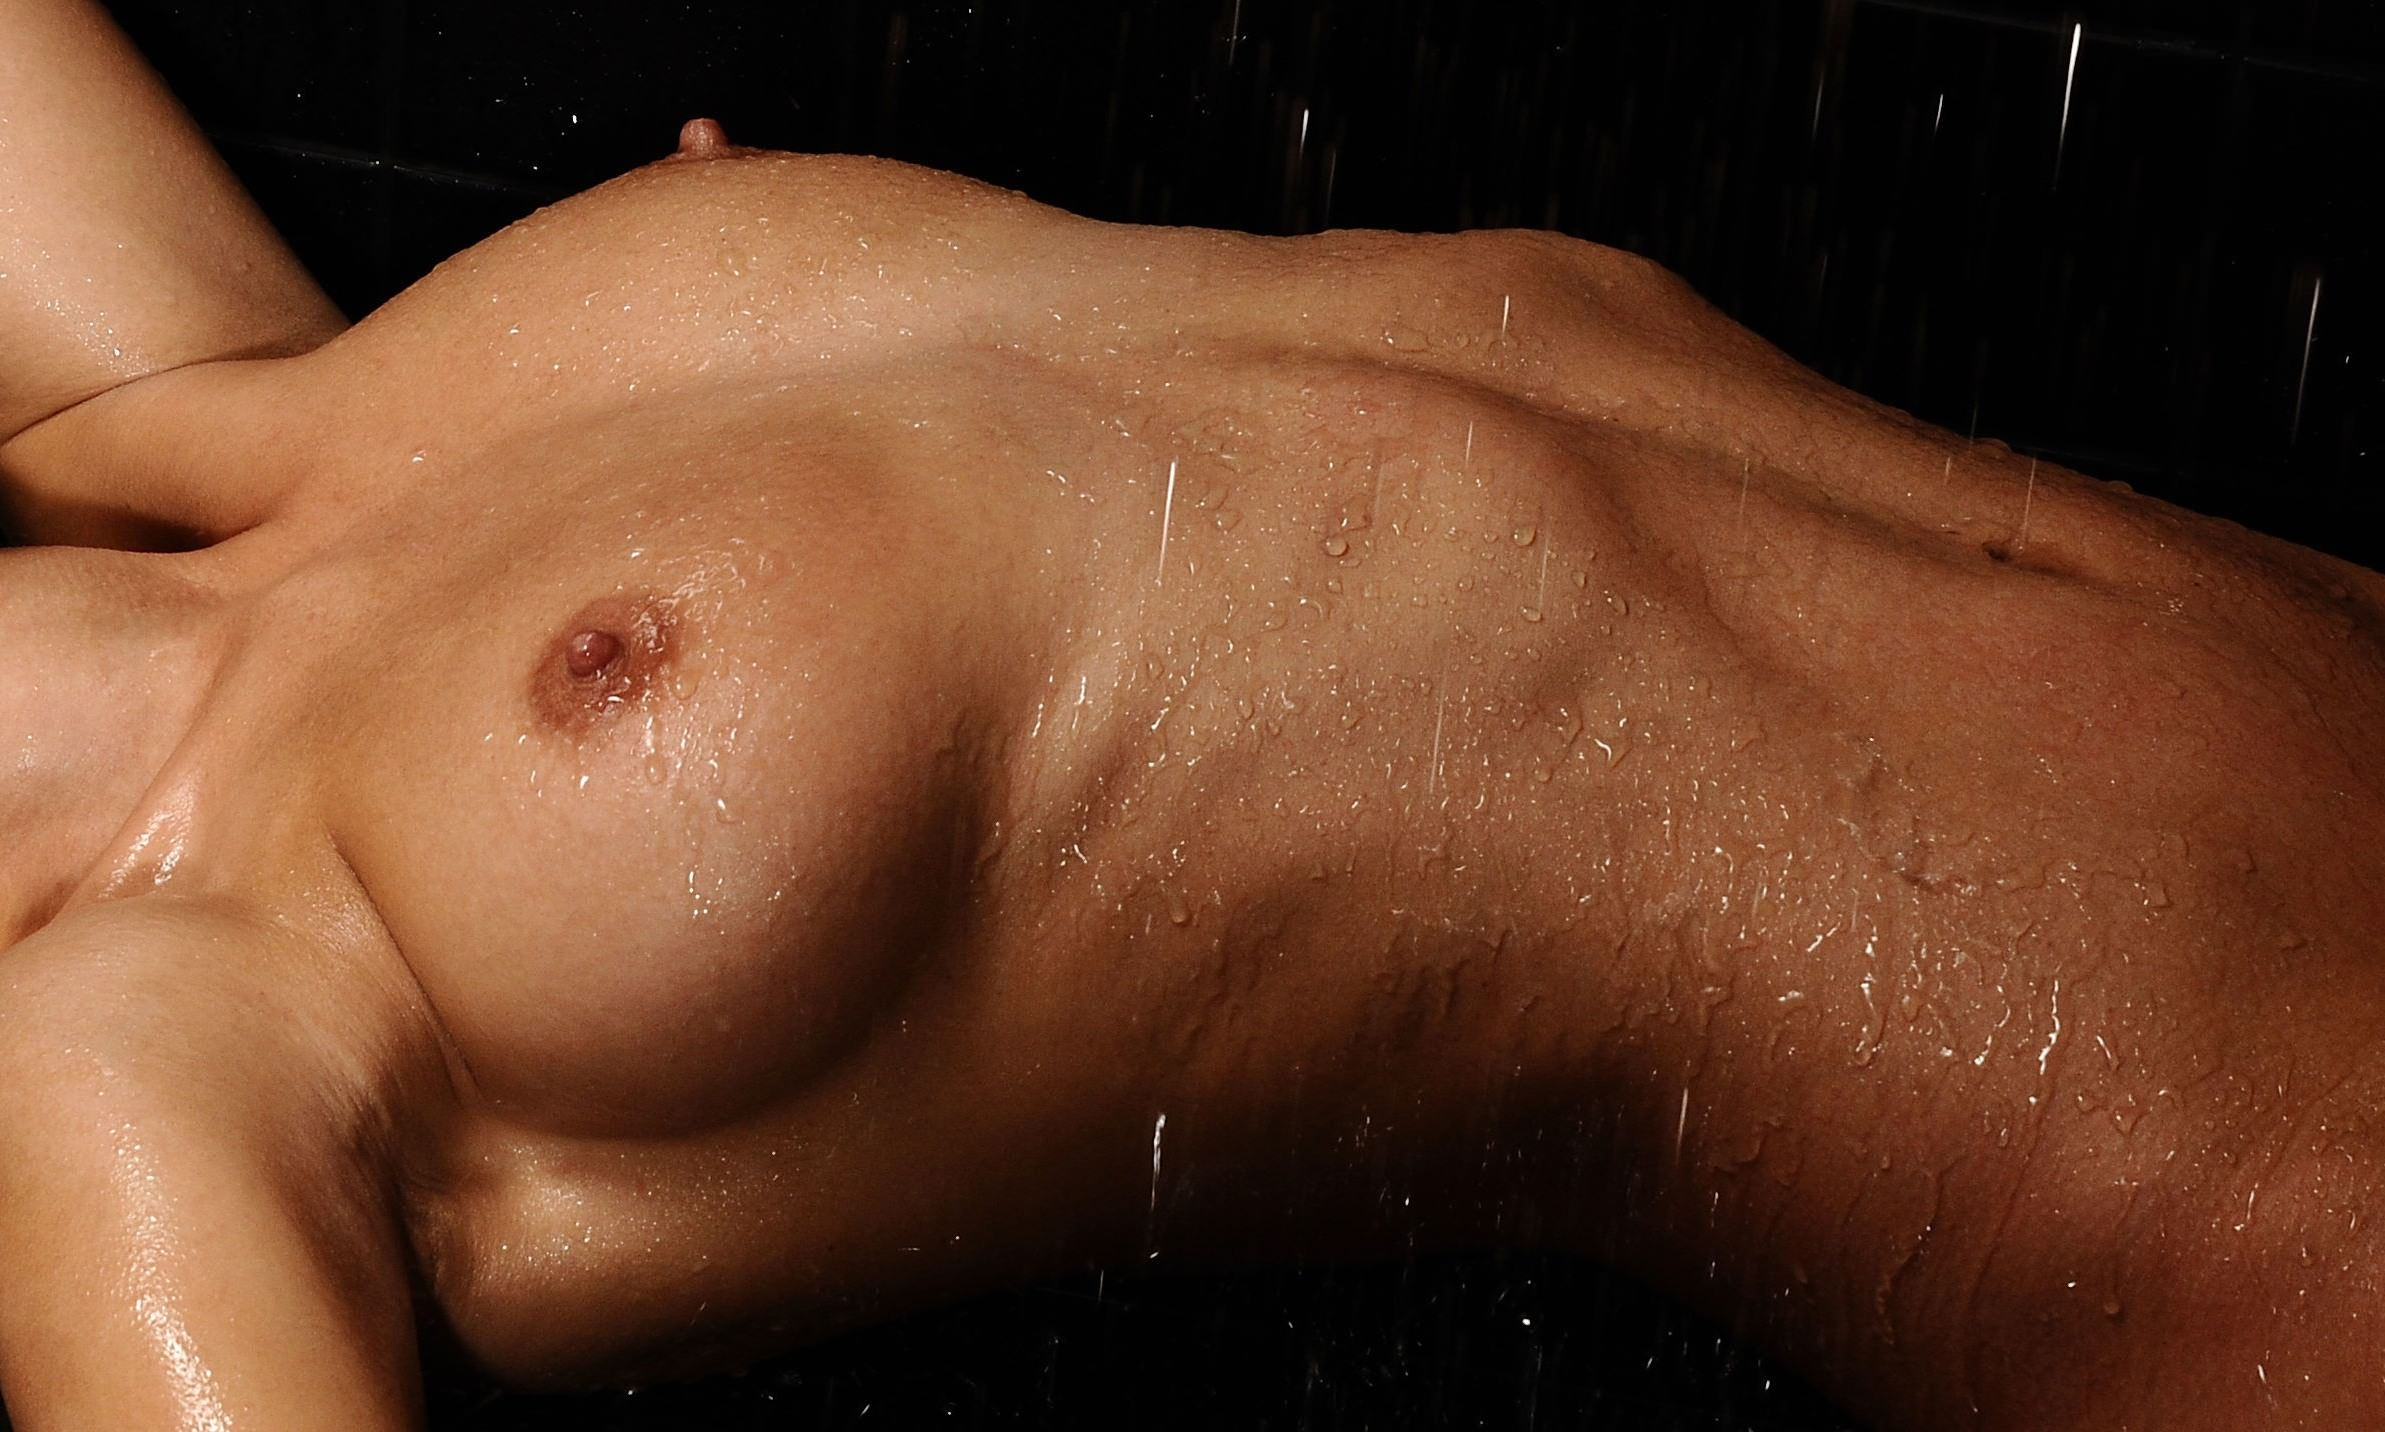 Фото Мокрые сиськи, обнаженная девушка в душе под струей воды, влажные твердые соски, скачать картинку бесплатно